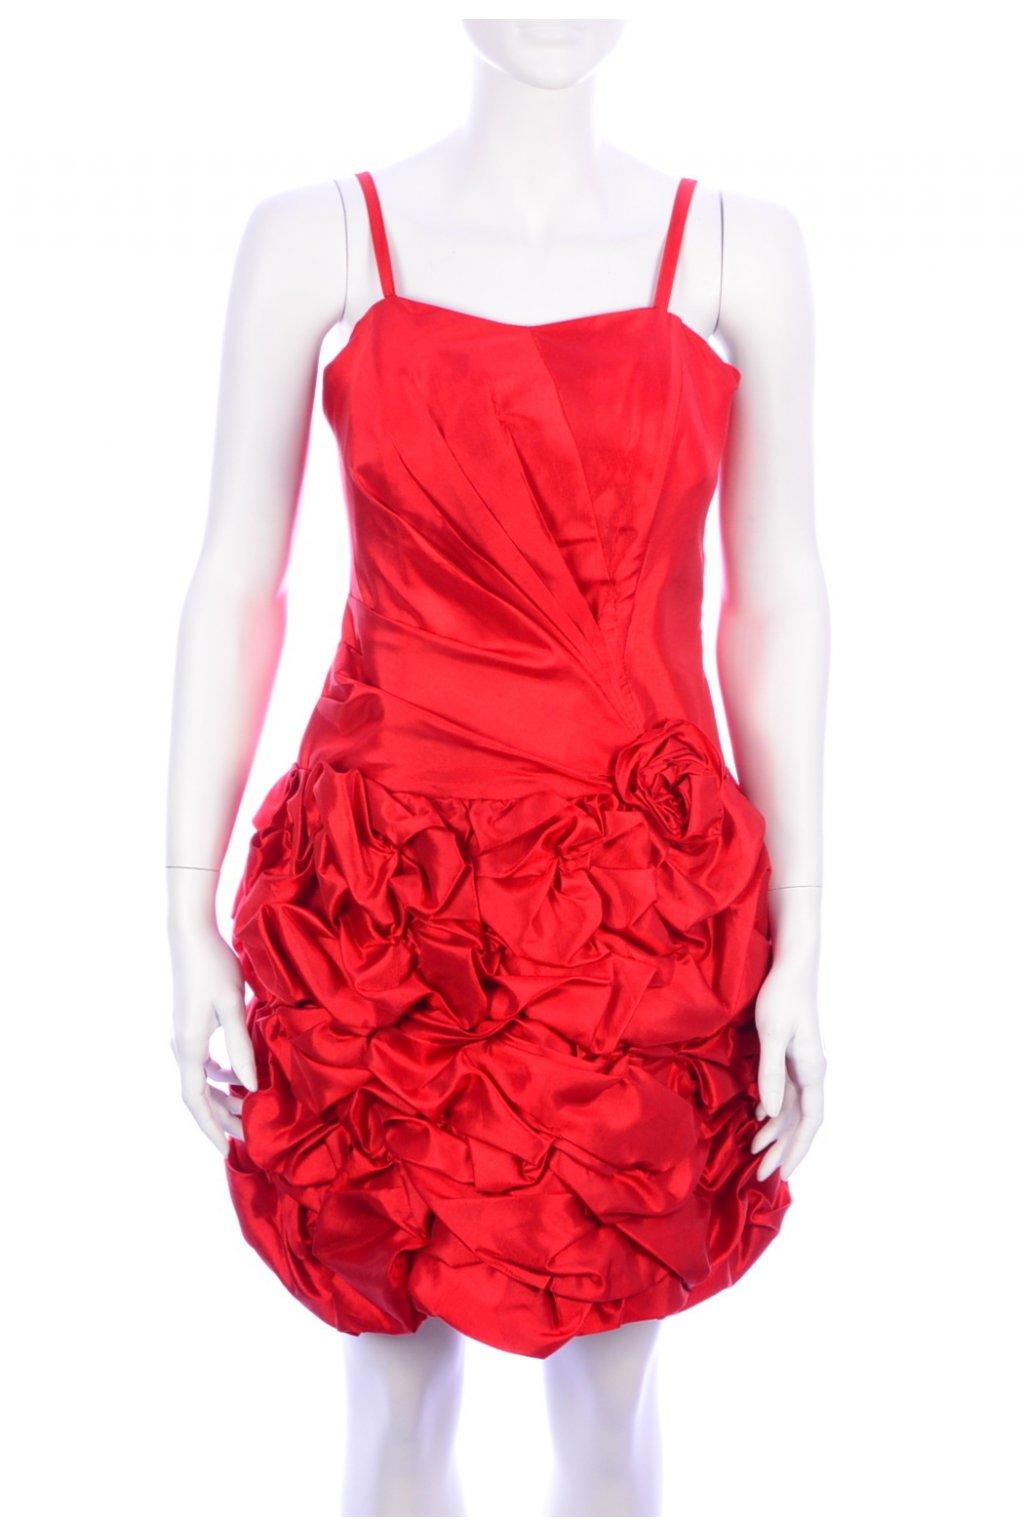 Šaty červené společenské SupremTop vel. XS - S